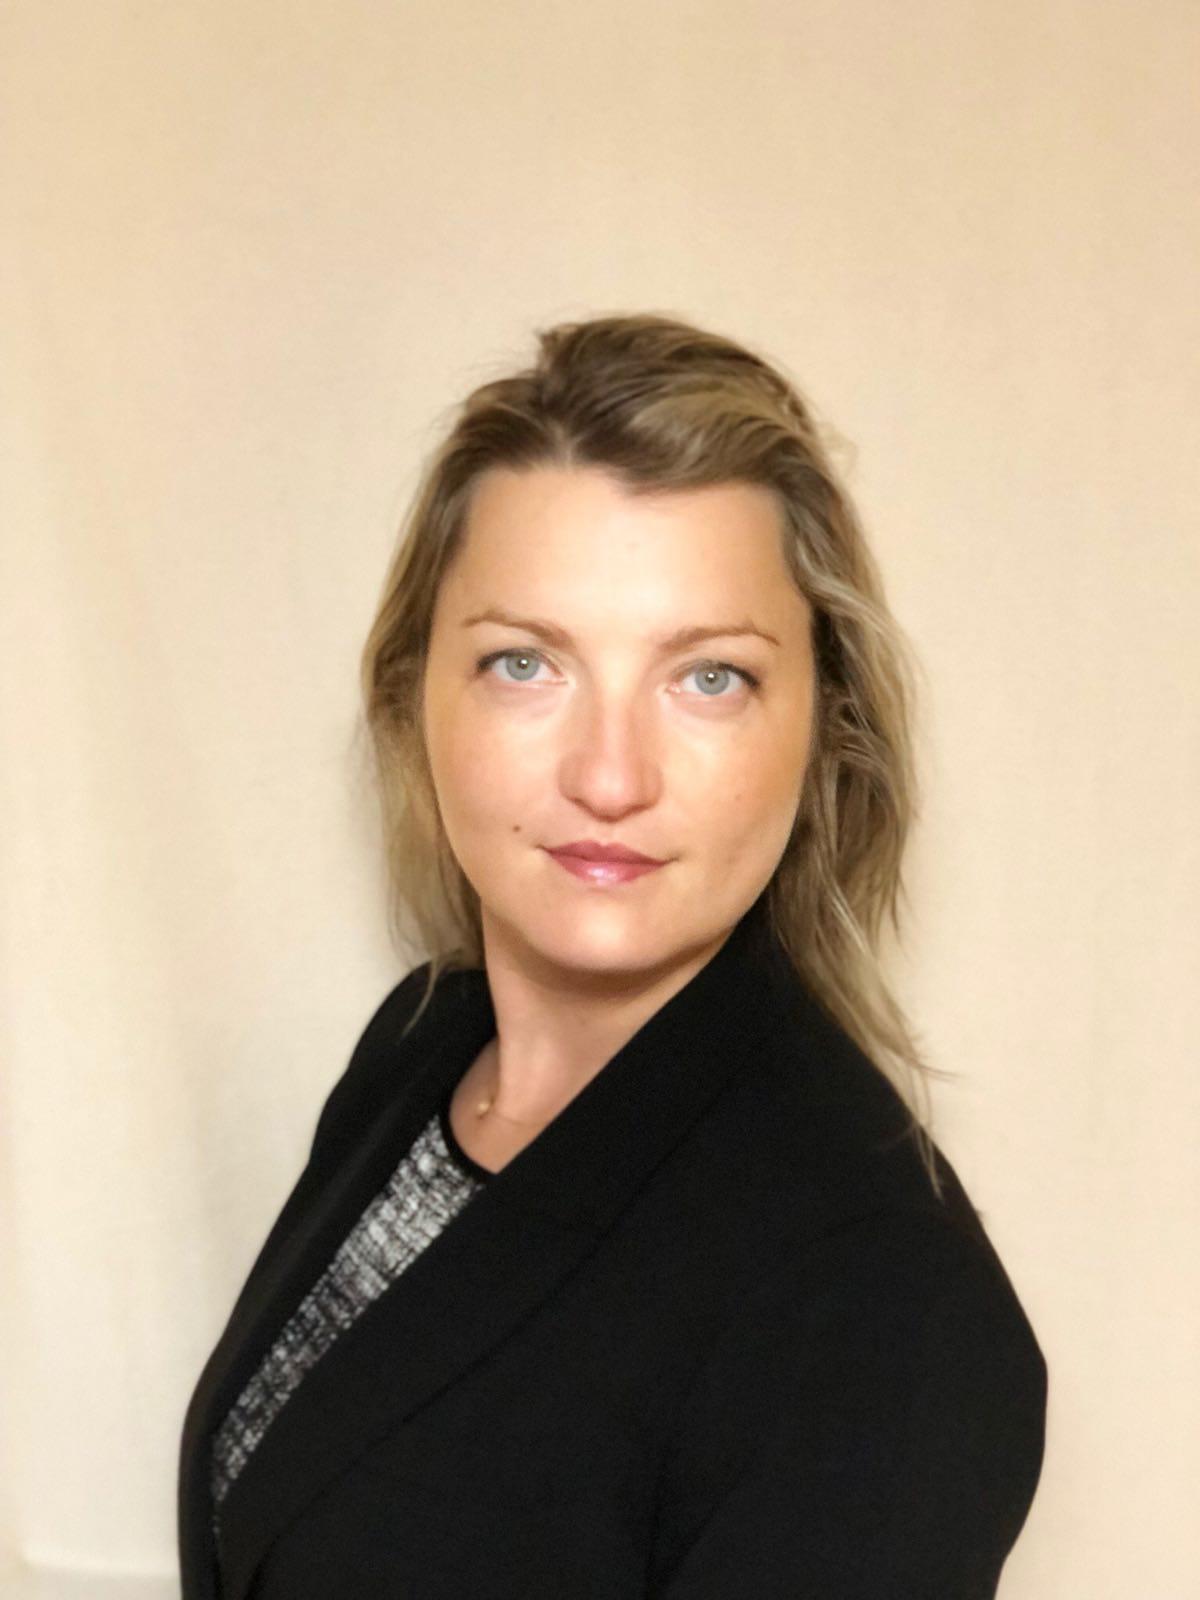 Agnieszka Mazurkiewicz-Penders